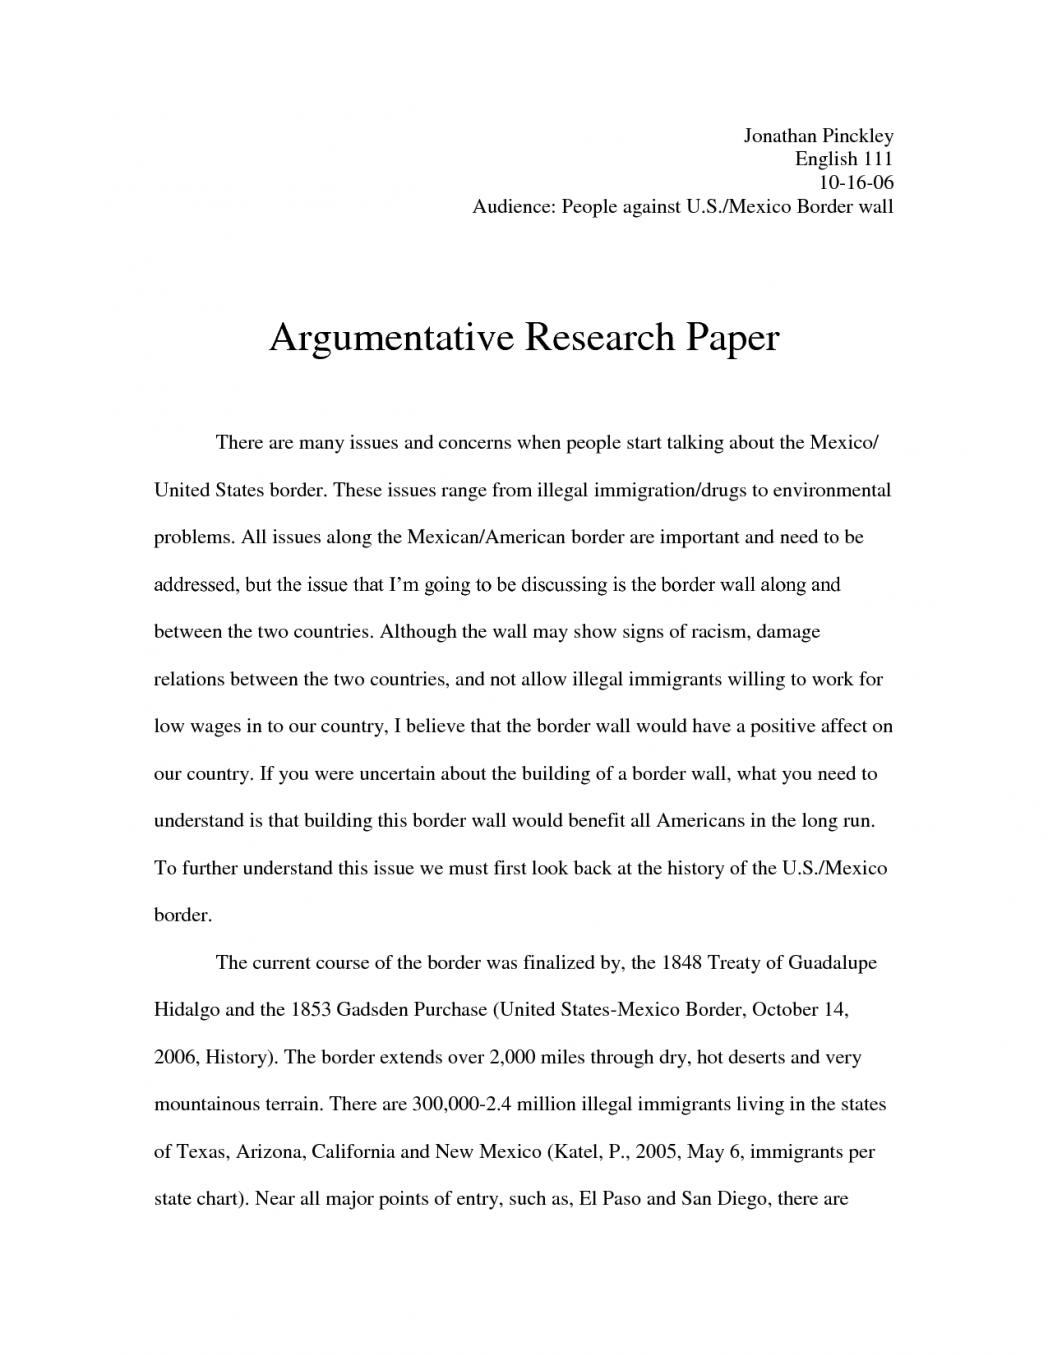 argumentative essay on immigration system